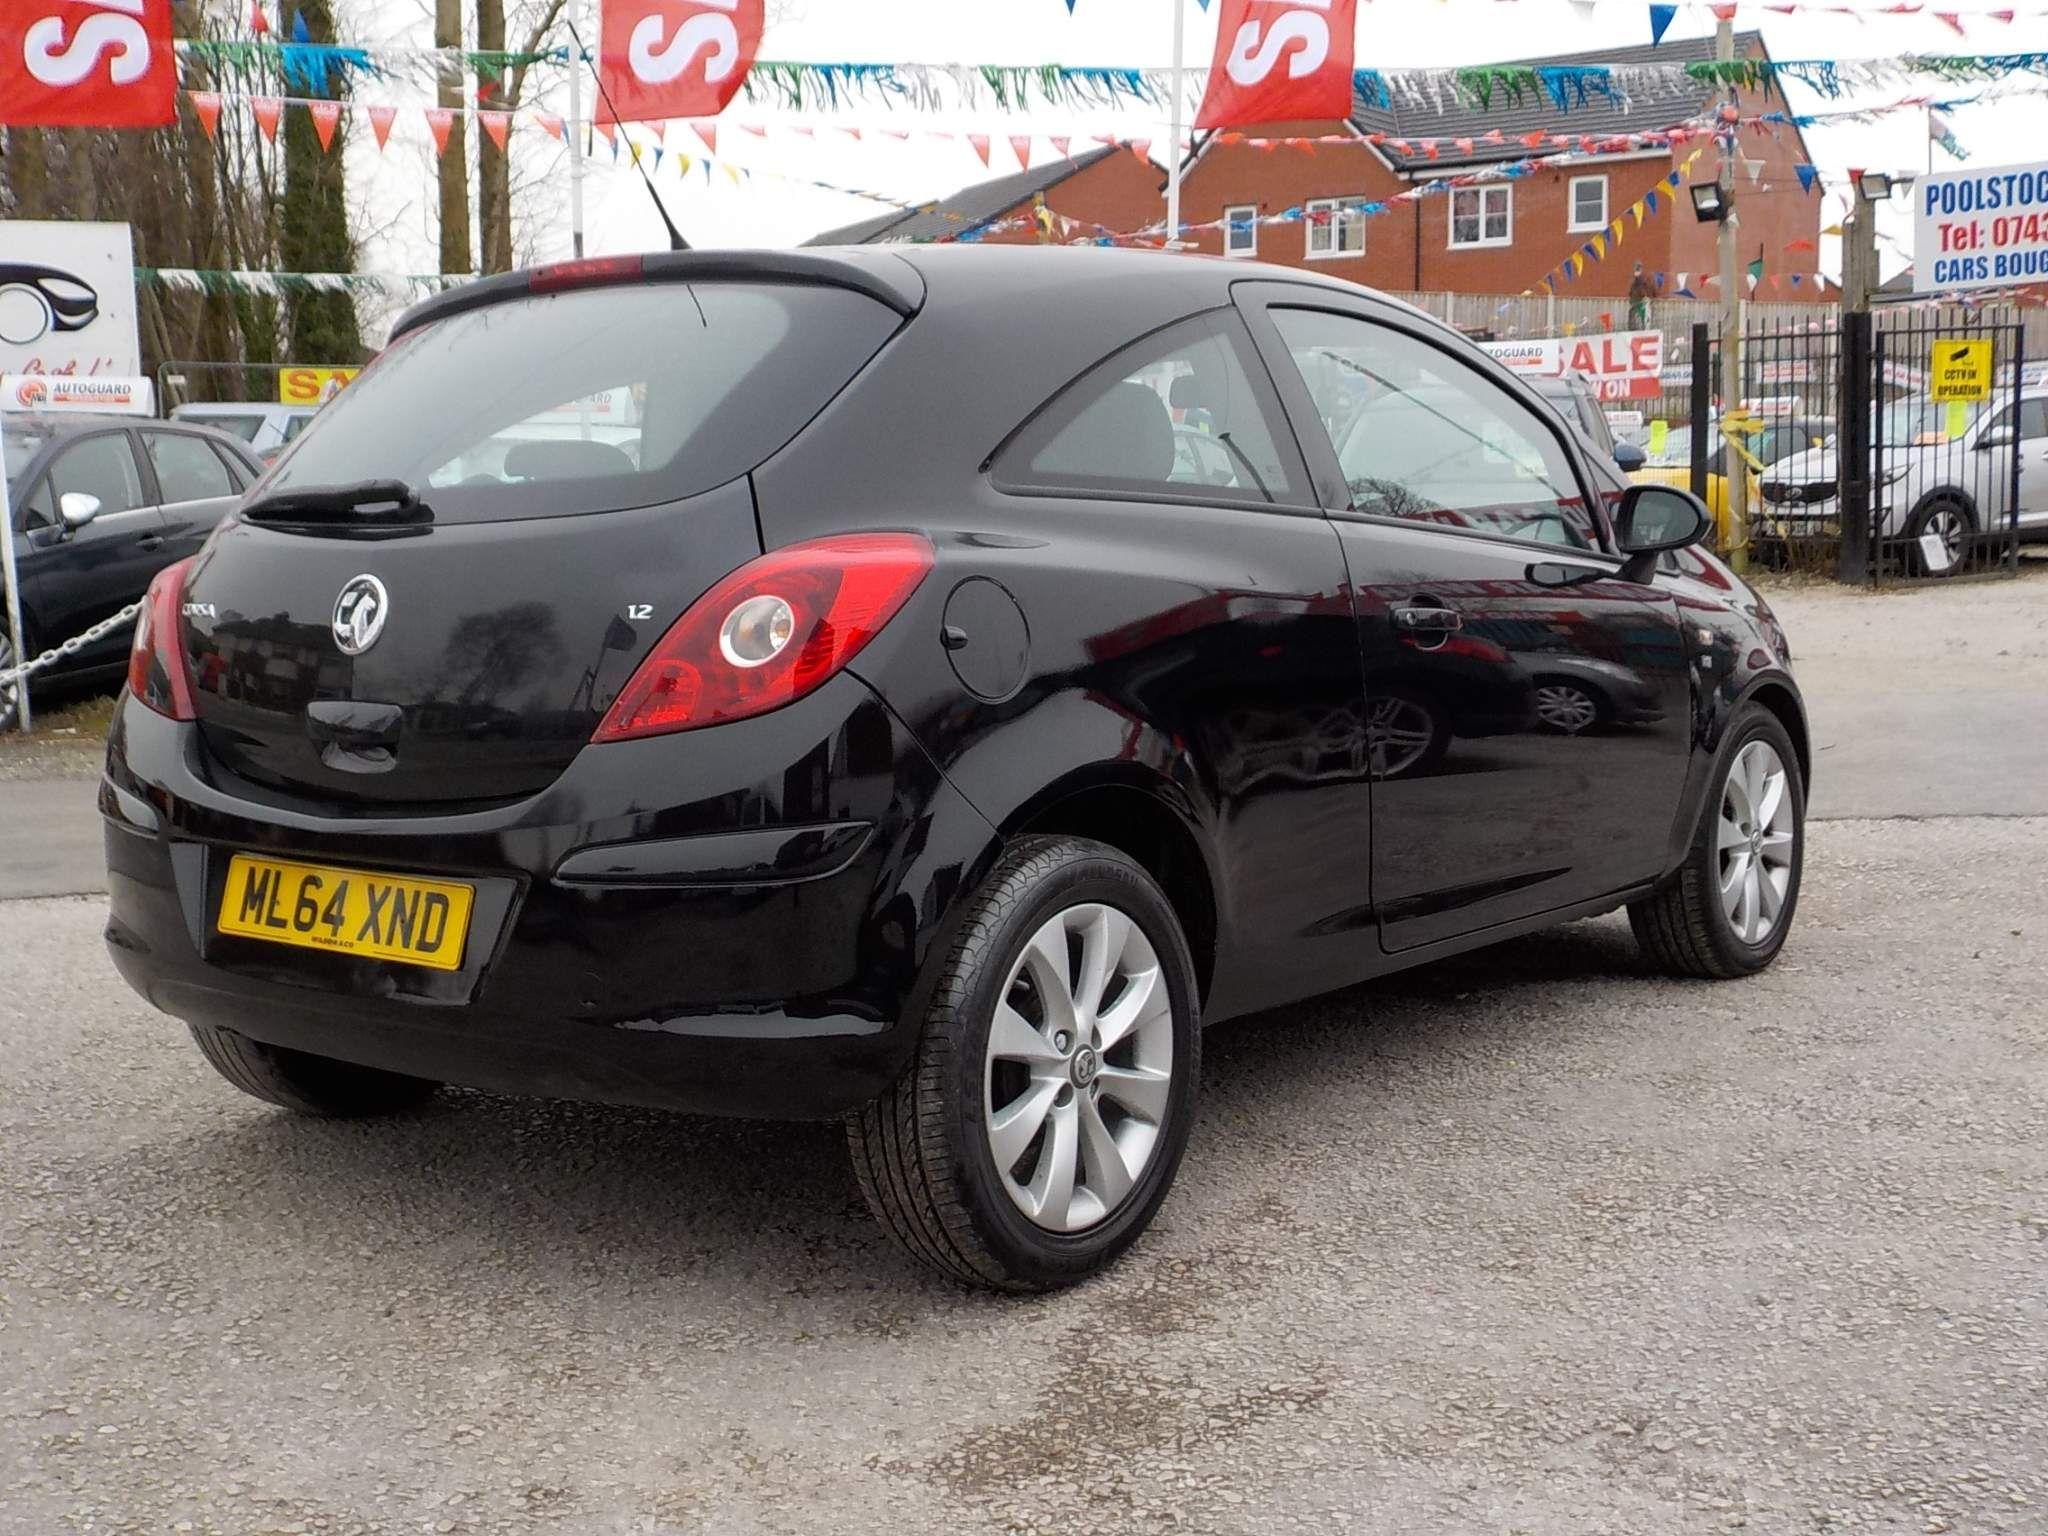 Vauxhall Corsa 1.2 i VVT 16v Excite 3dr